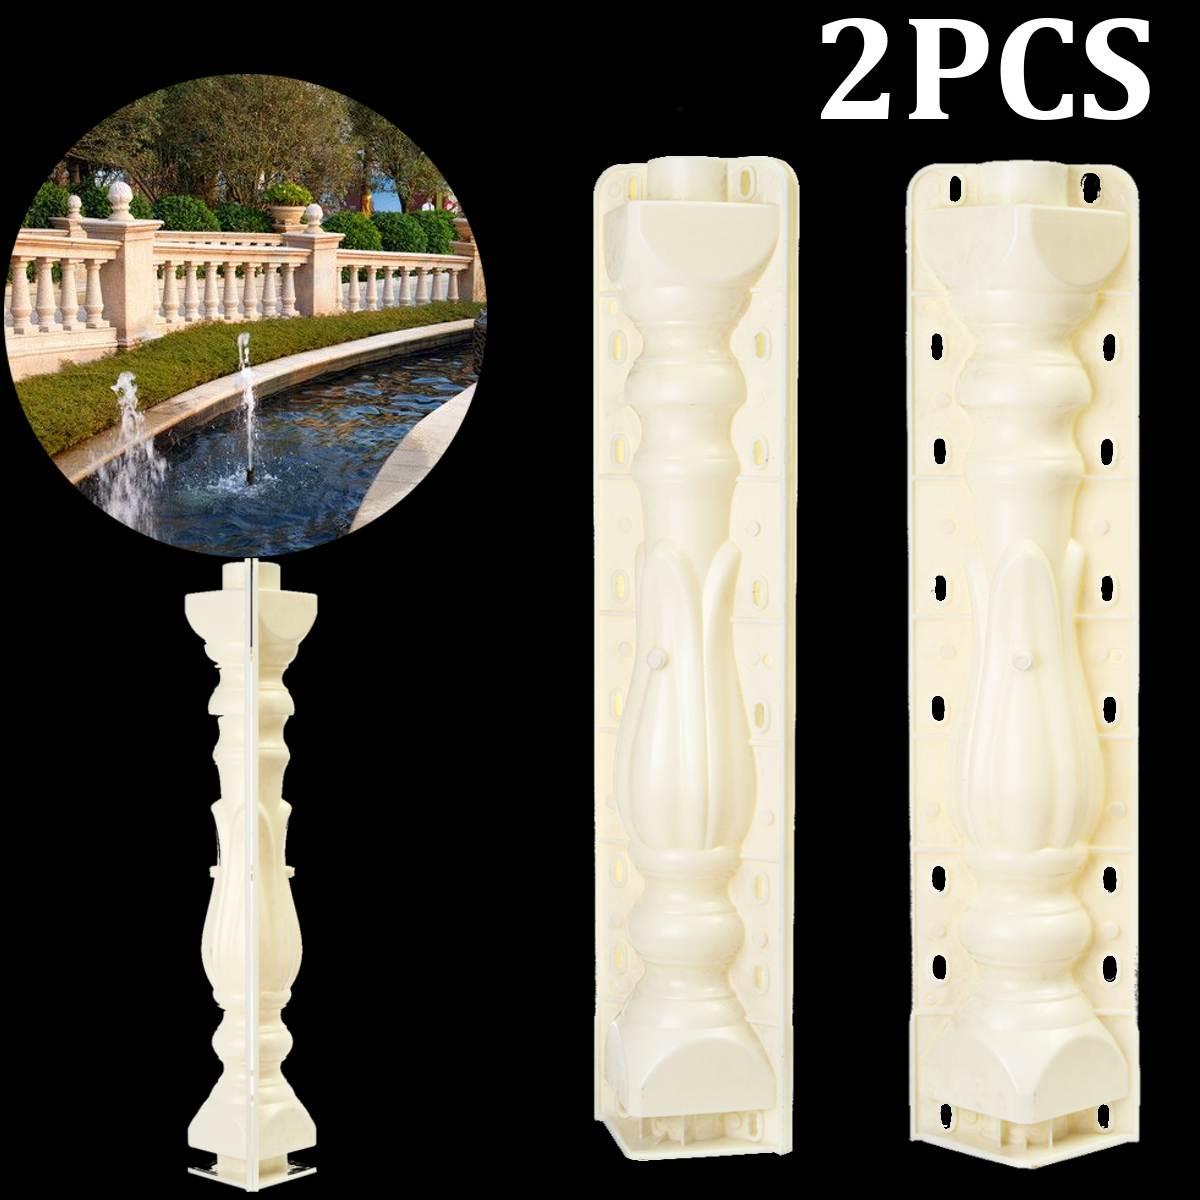 2Pcs 70 18 cm Roman Column Mold Fence Cement Mold Balcony Garden Railing Plaster Concrete Mold Plastic Casting guarden Building